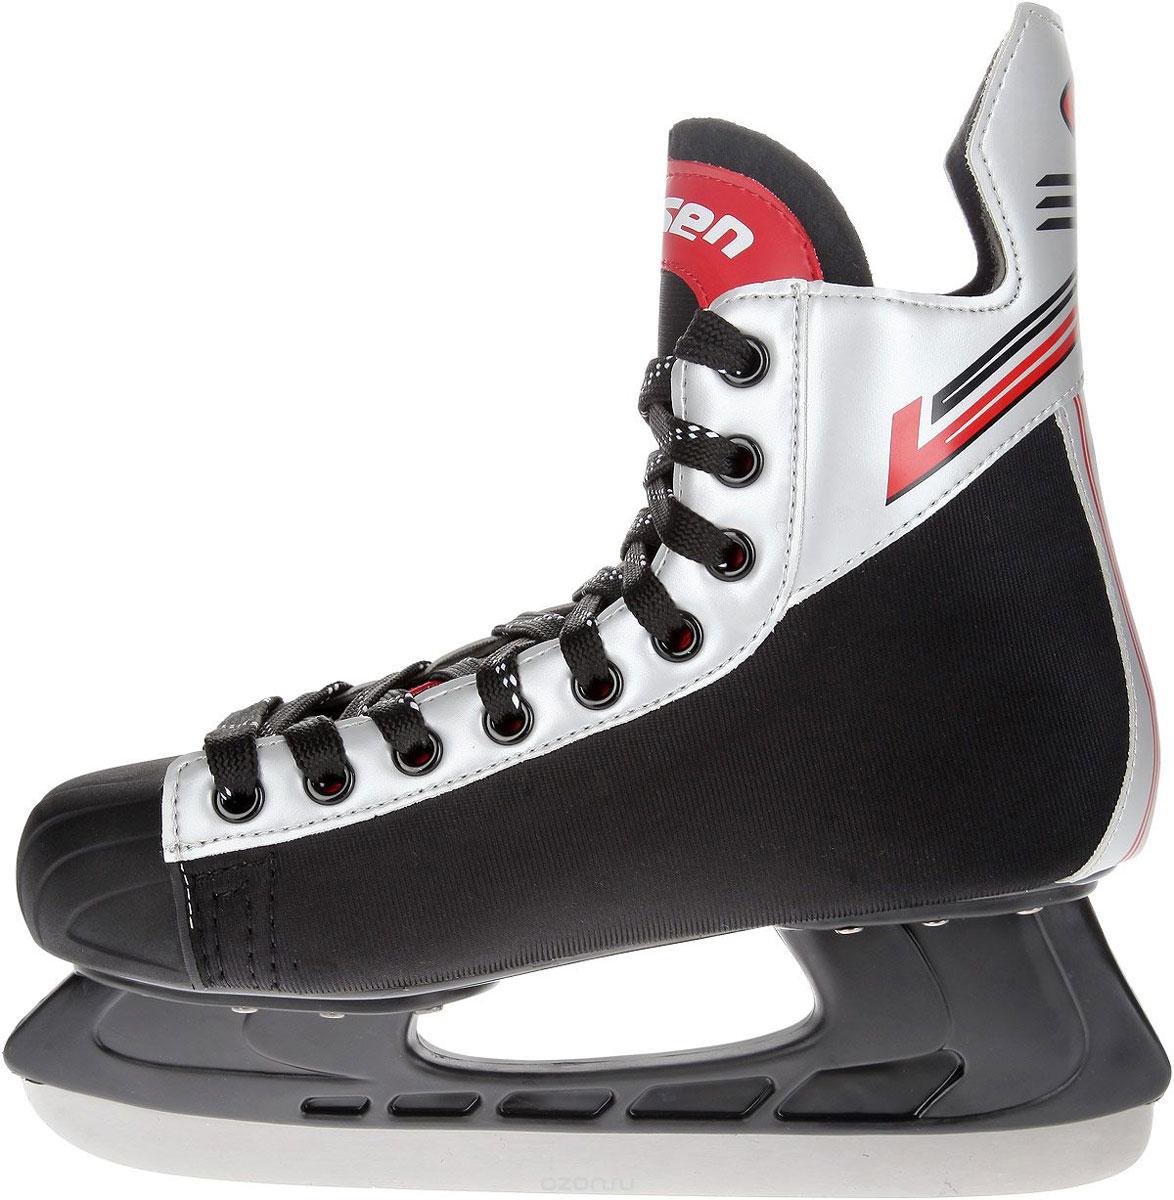 Коньки хоккейные мужские Larsen Alex, цвет: черный, серебристый, красный. Размер 40